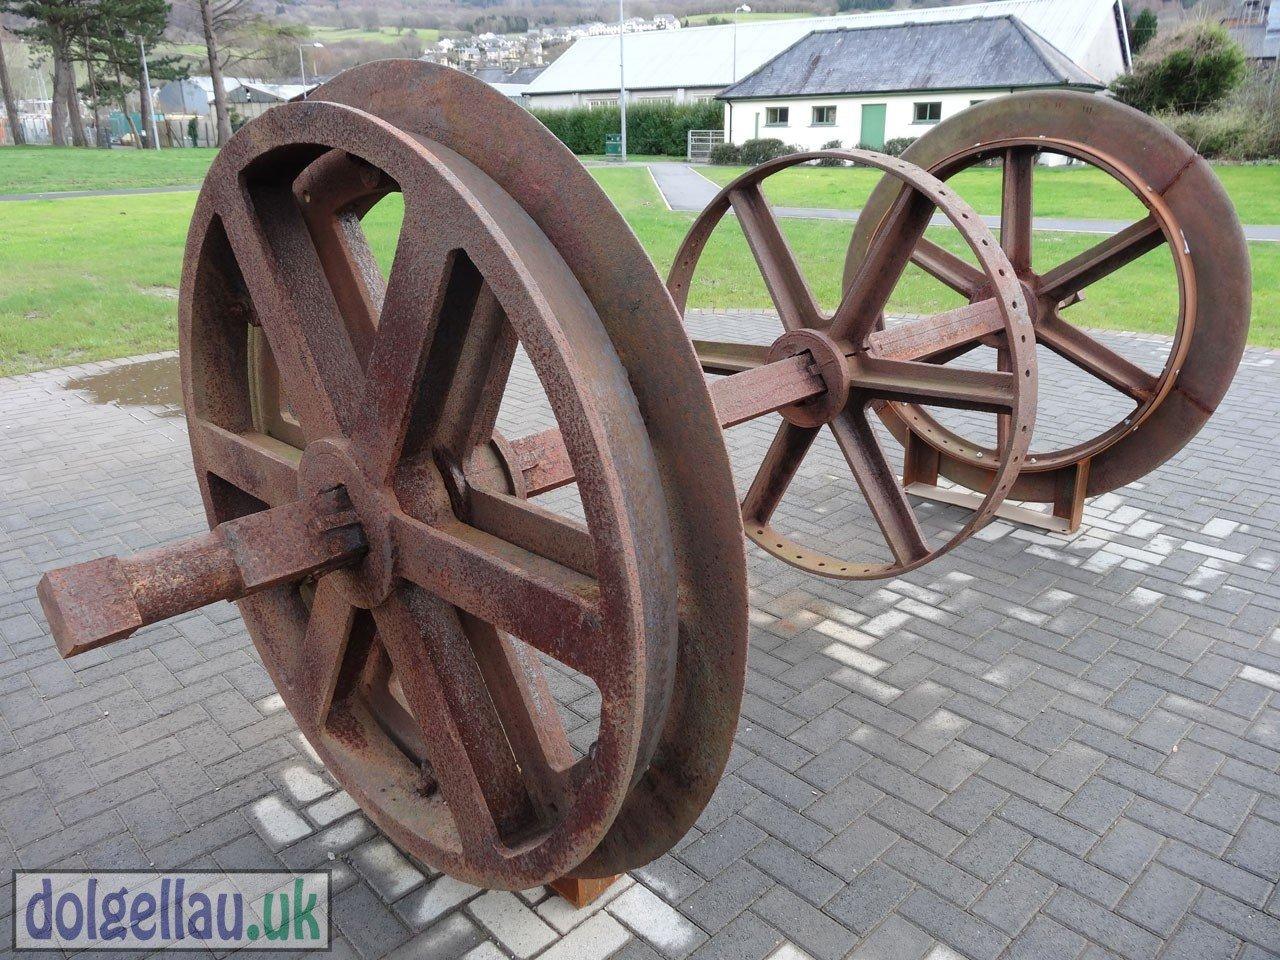 Dolgellau Parc - Winding Drum Wheel